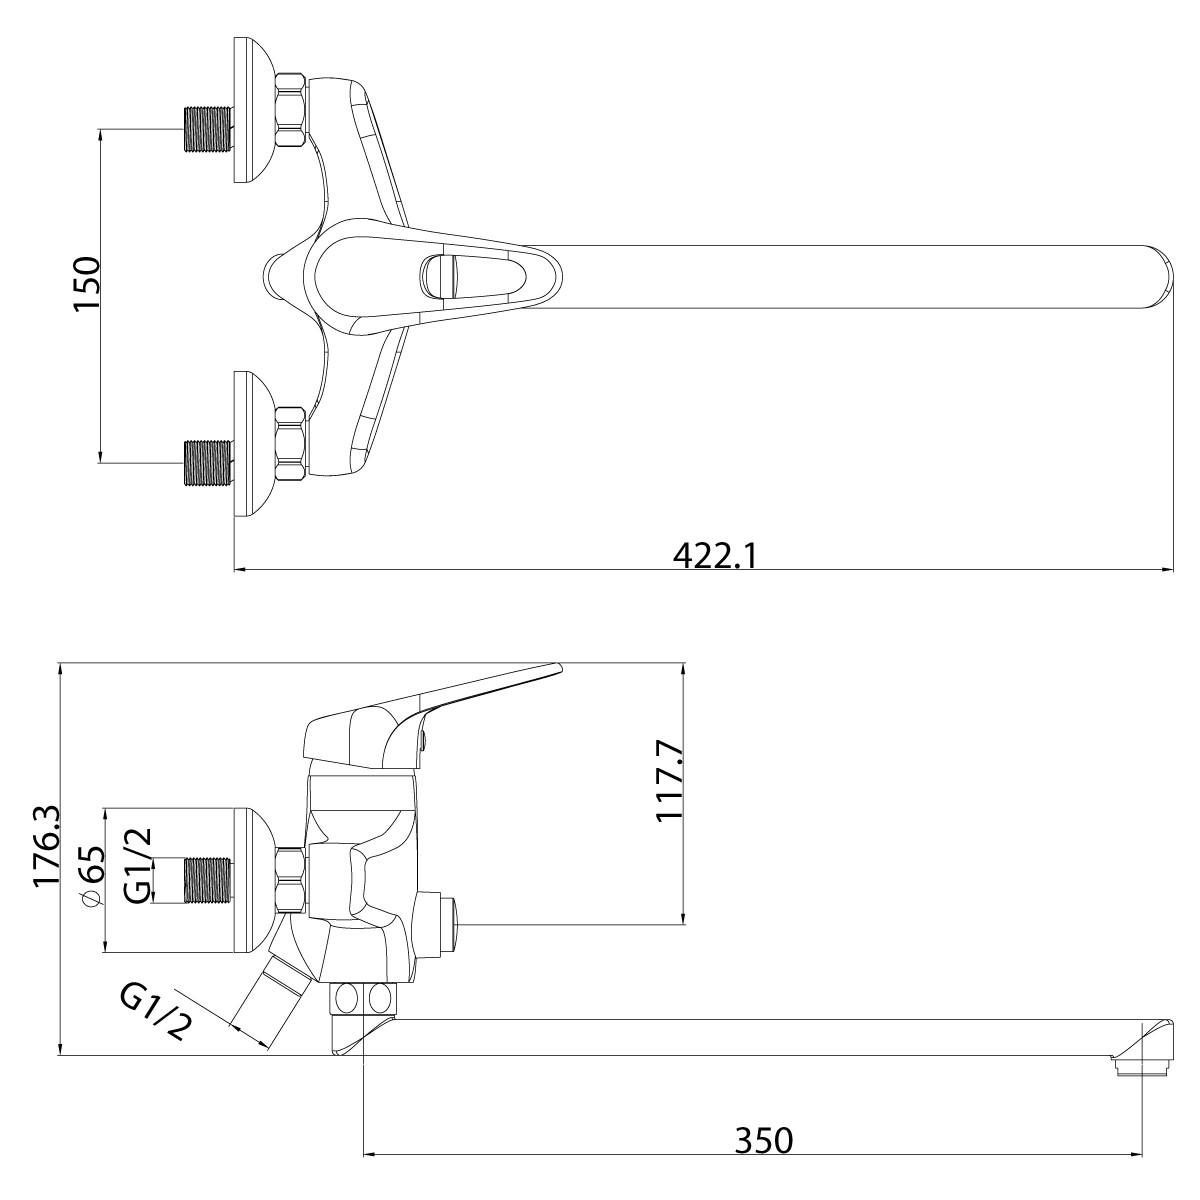 Смеситель для ванны Lemark Poseidon с поворотным изливом 350 мм, кнопочный дивертор